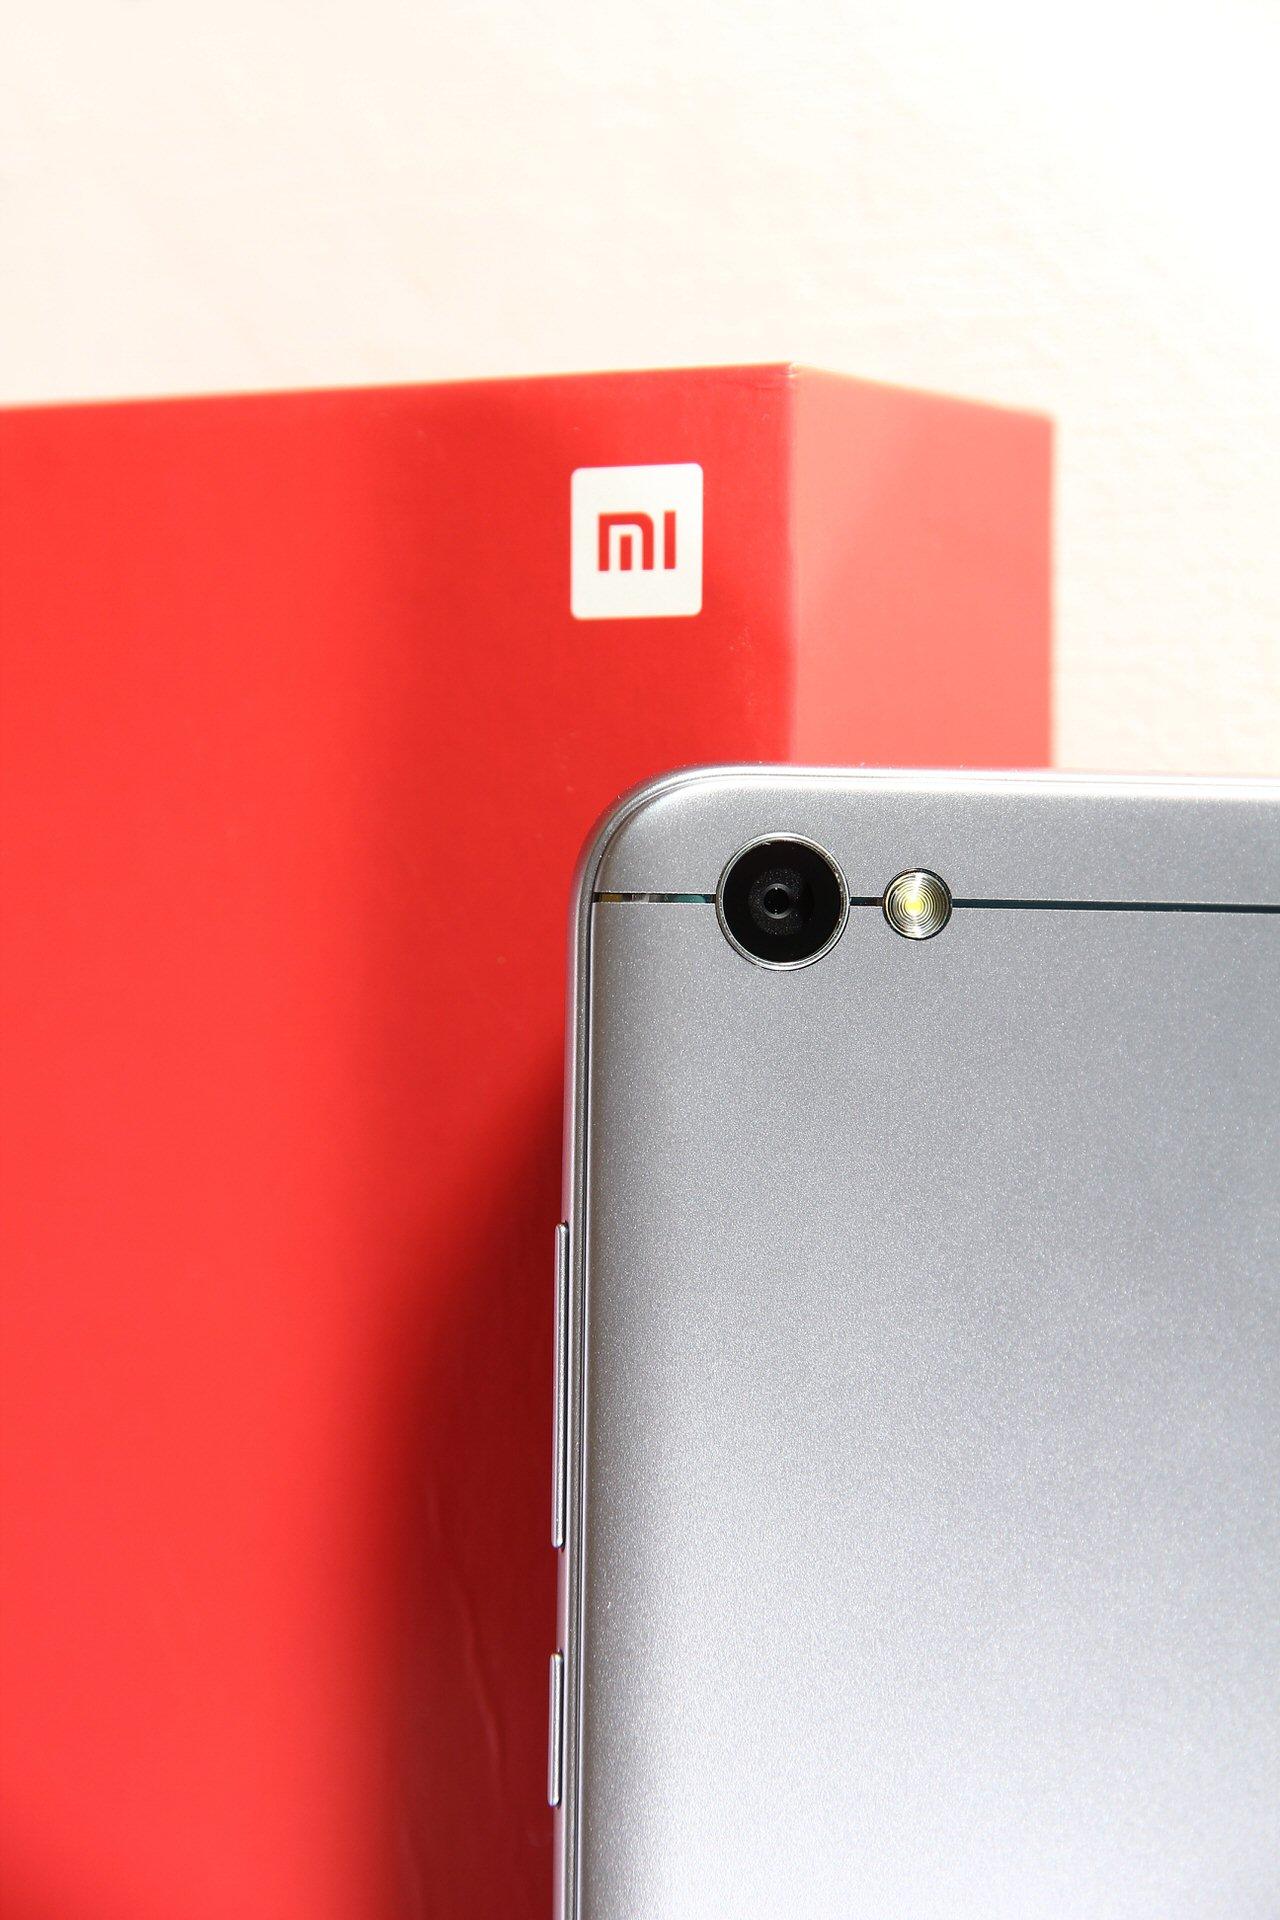 Test du Xiaomi Redmi Note 5A : le retour du smartphone modeste et petit budget